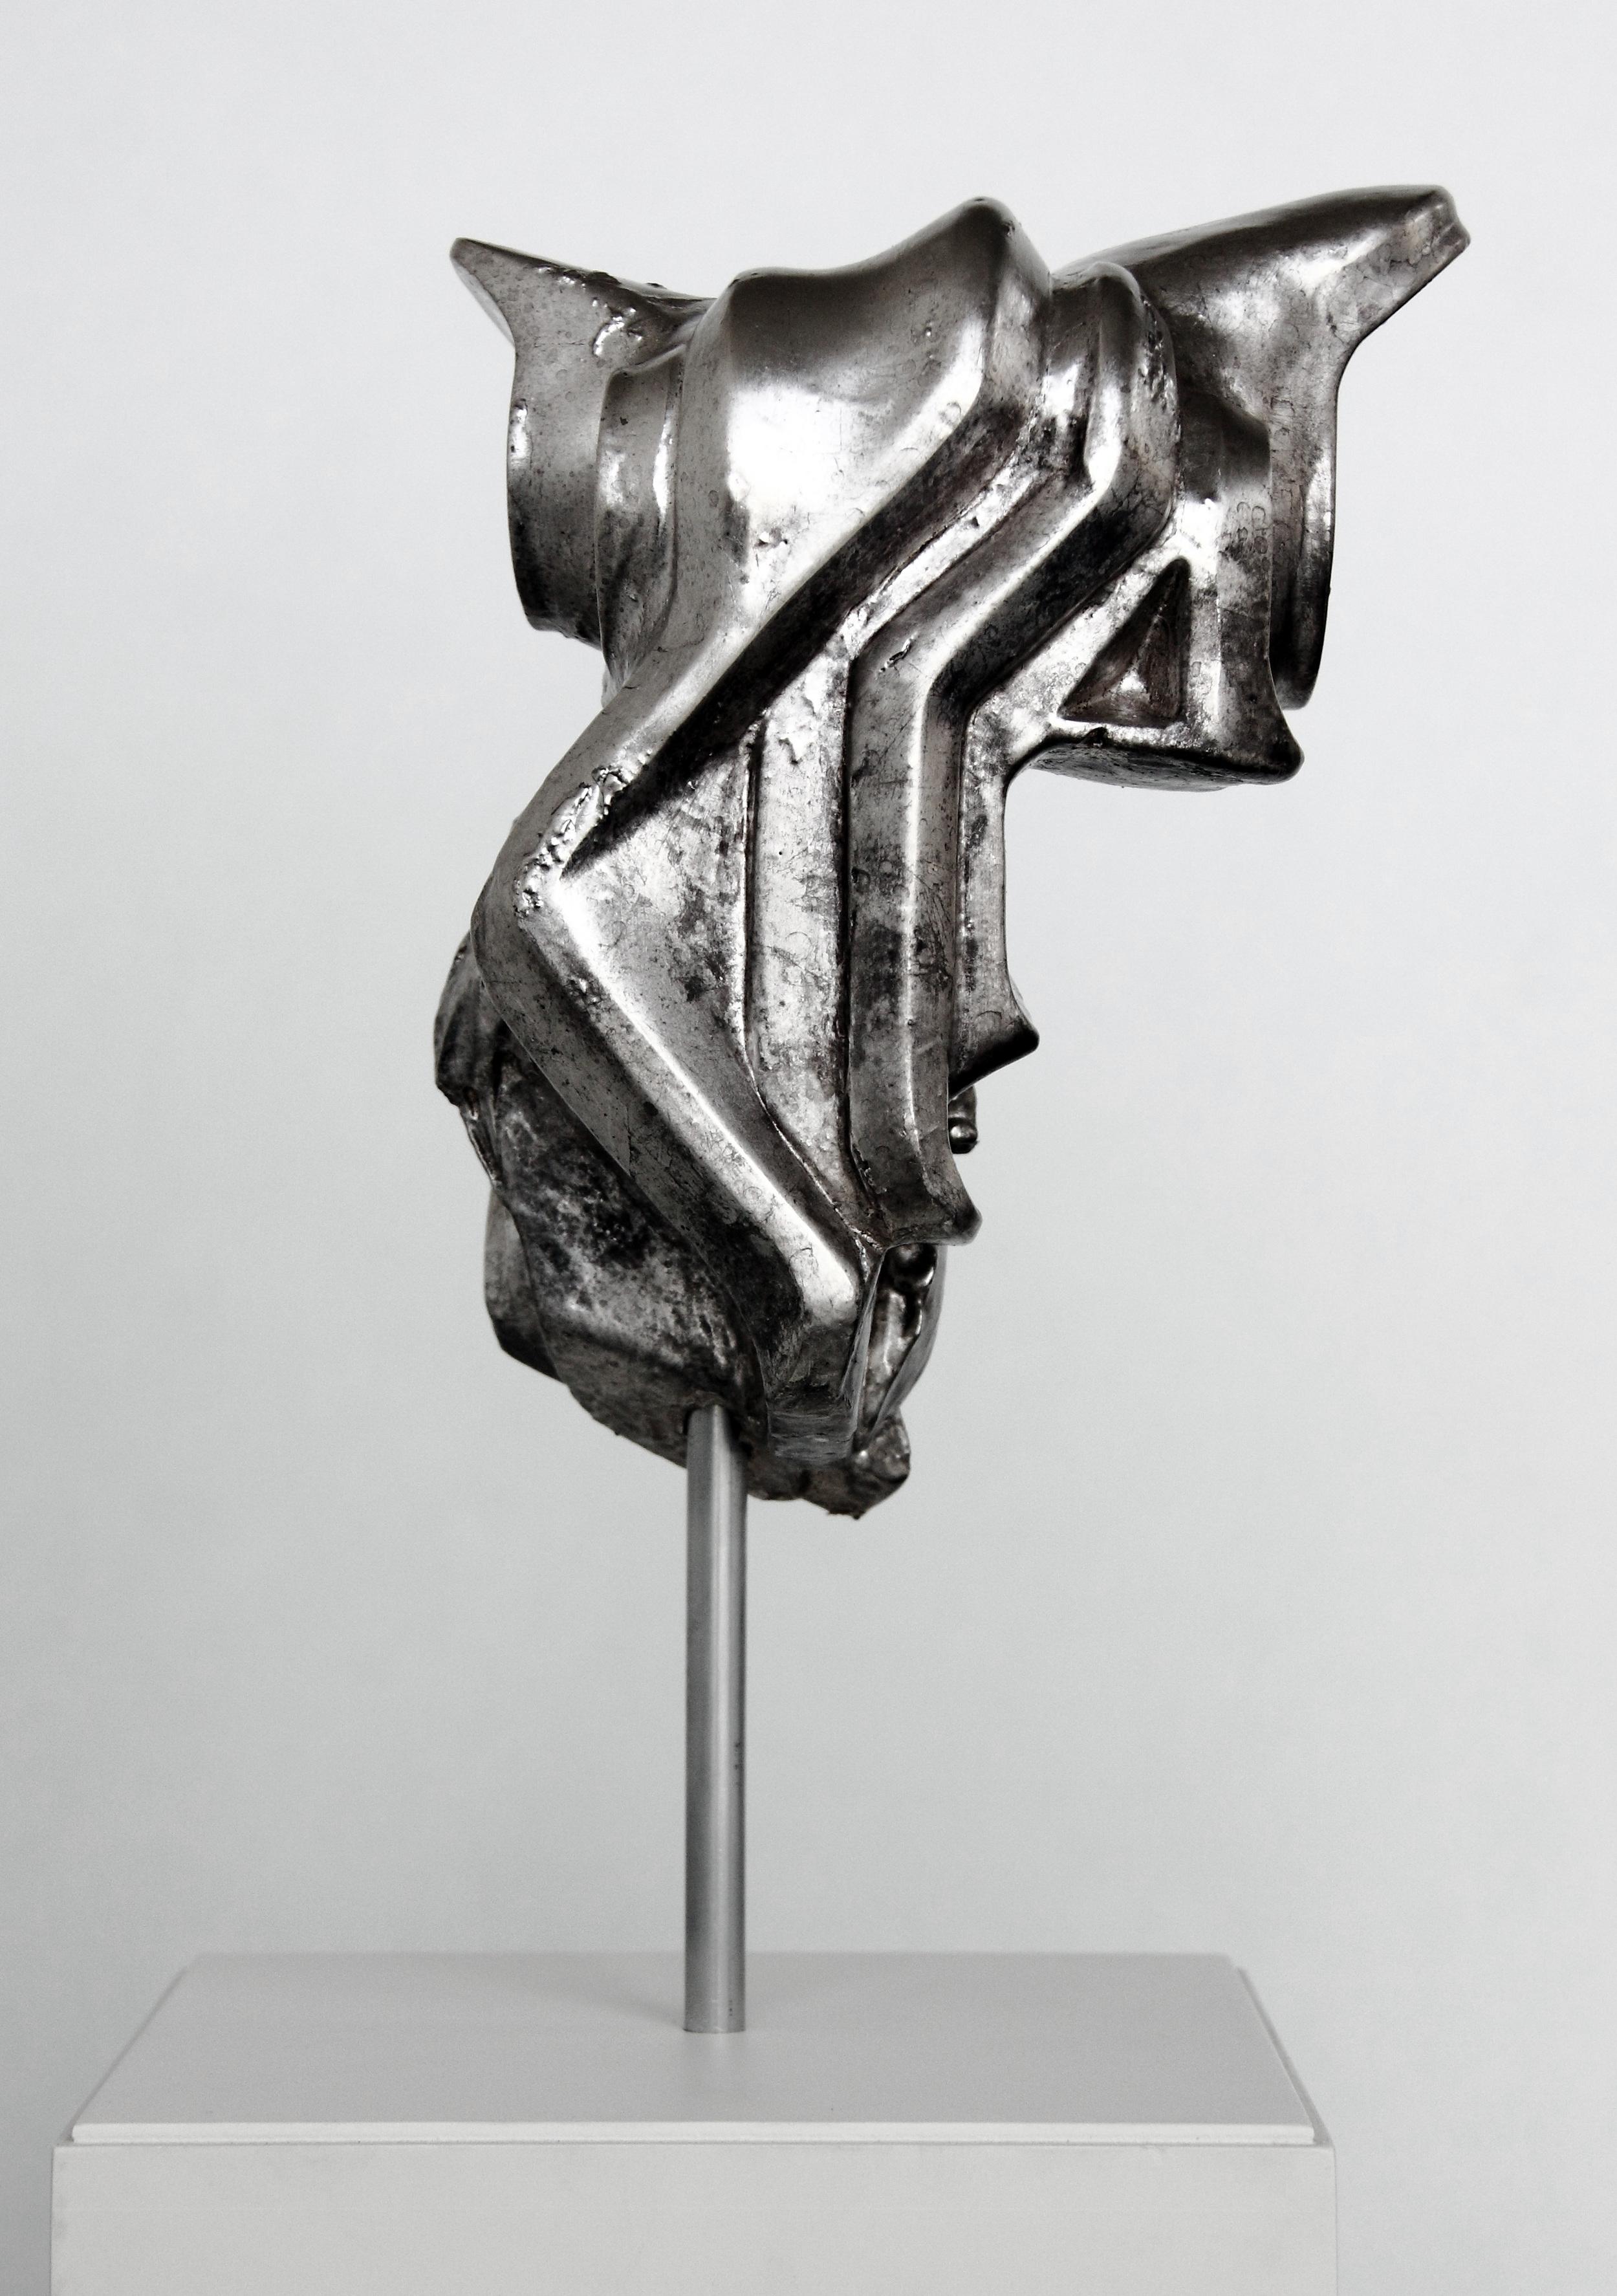 hoi polloi (004), 2010